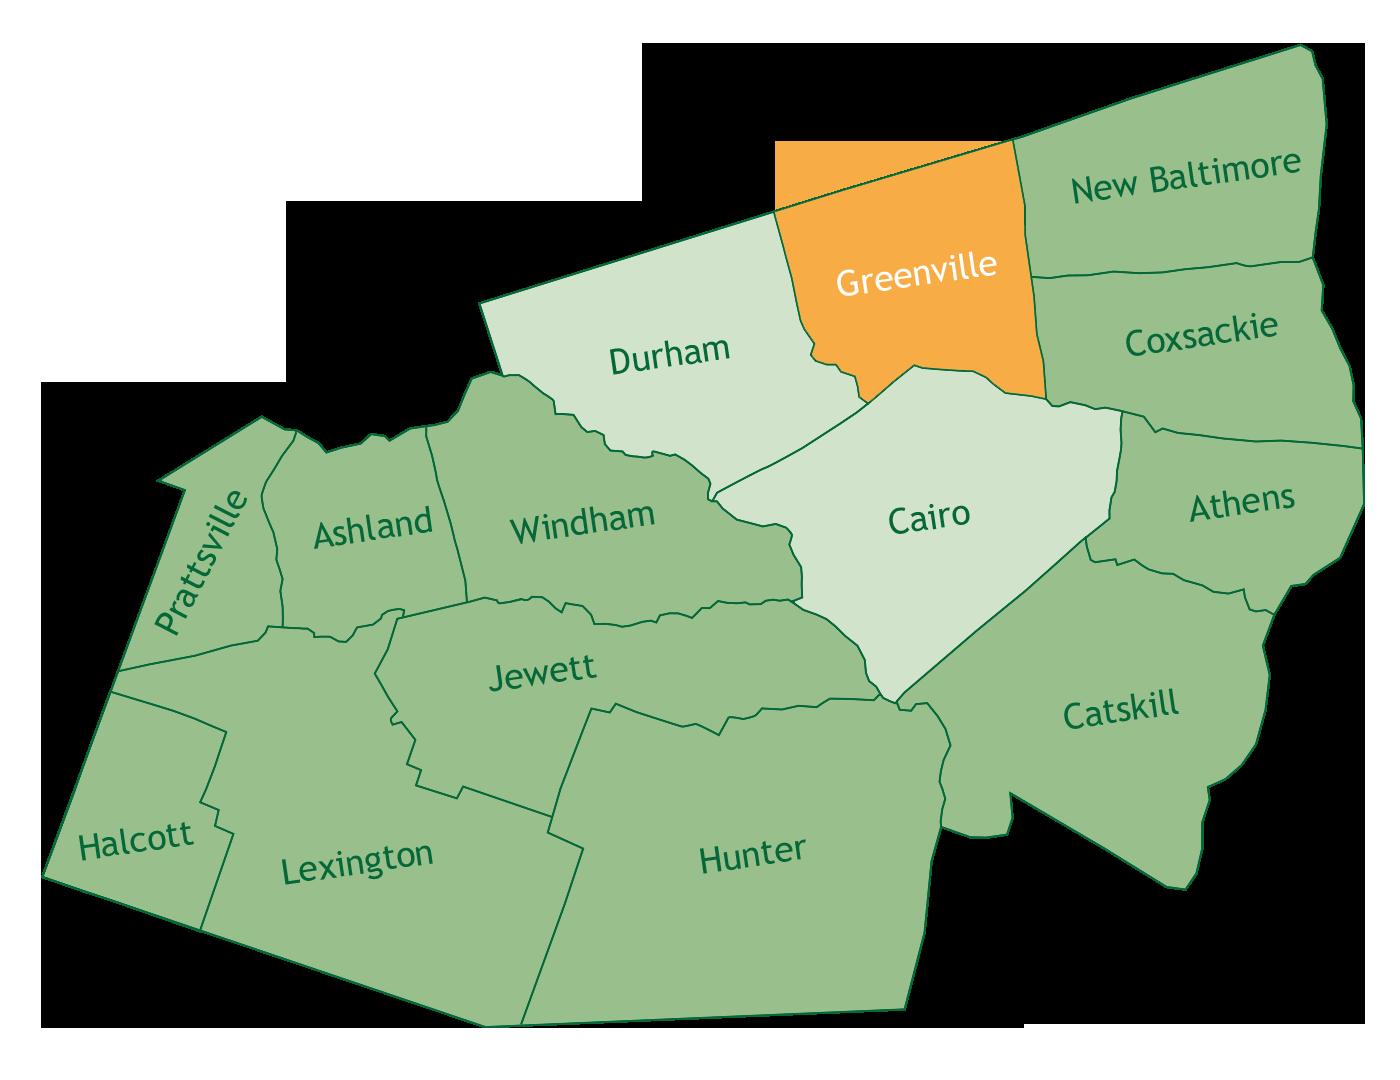 Greenville in Greene County